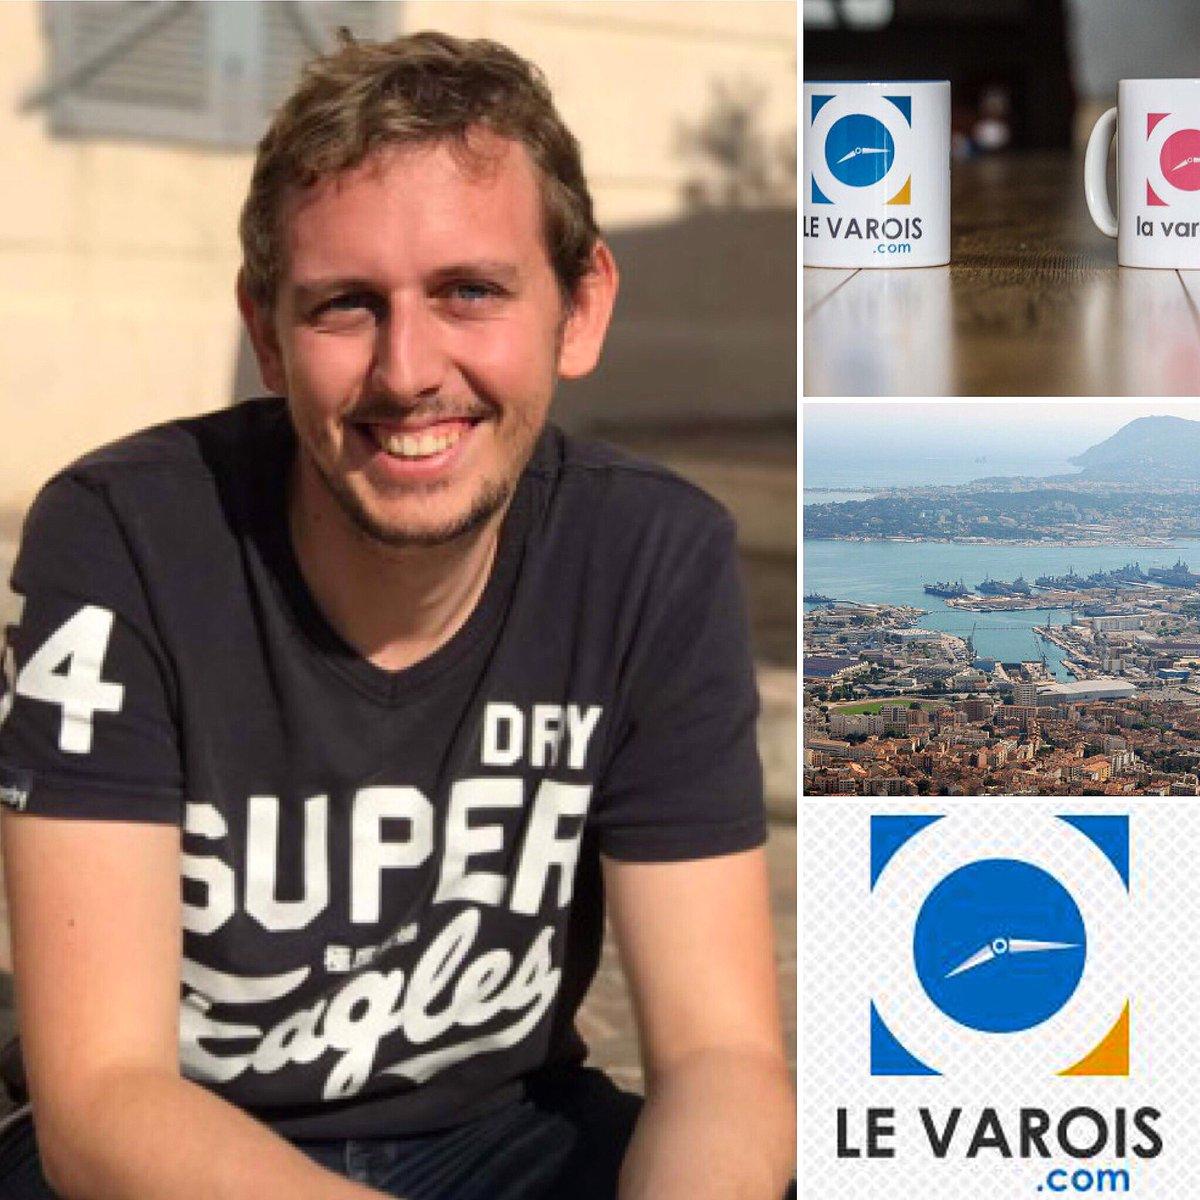 Nouvel article #monblog #liveloveandcook #hommage #parcoursdevie #quentinevrard #fondateur #levarois.com #homme #genereux #determine #top<br>http://pic.twitter.com/bwDLAc1c6x